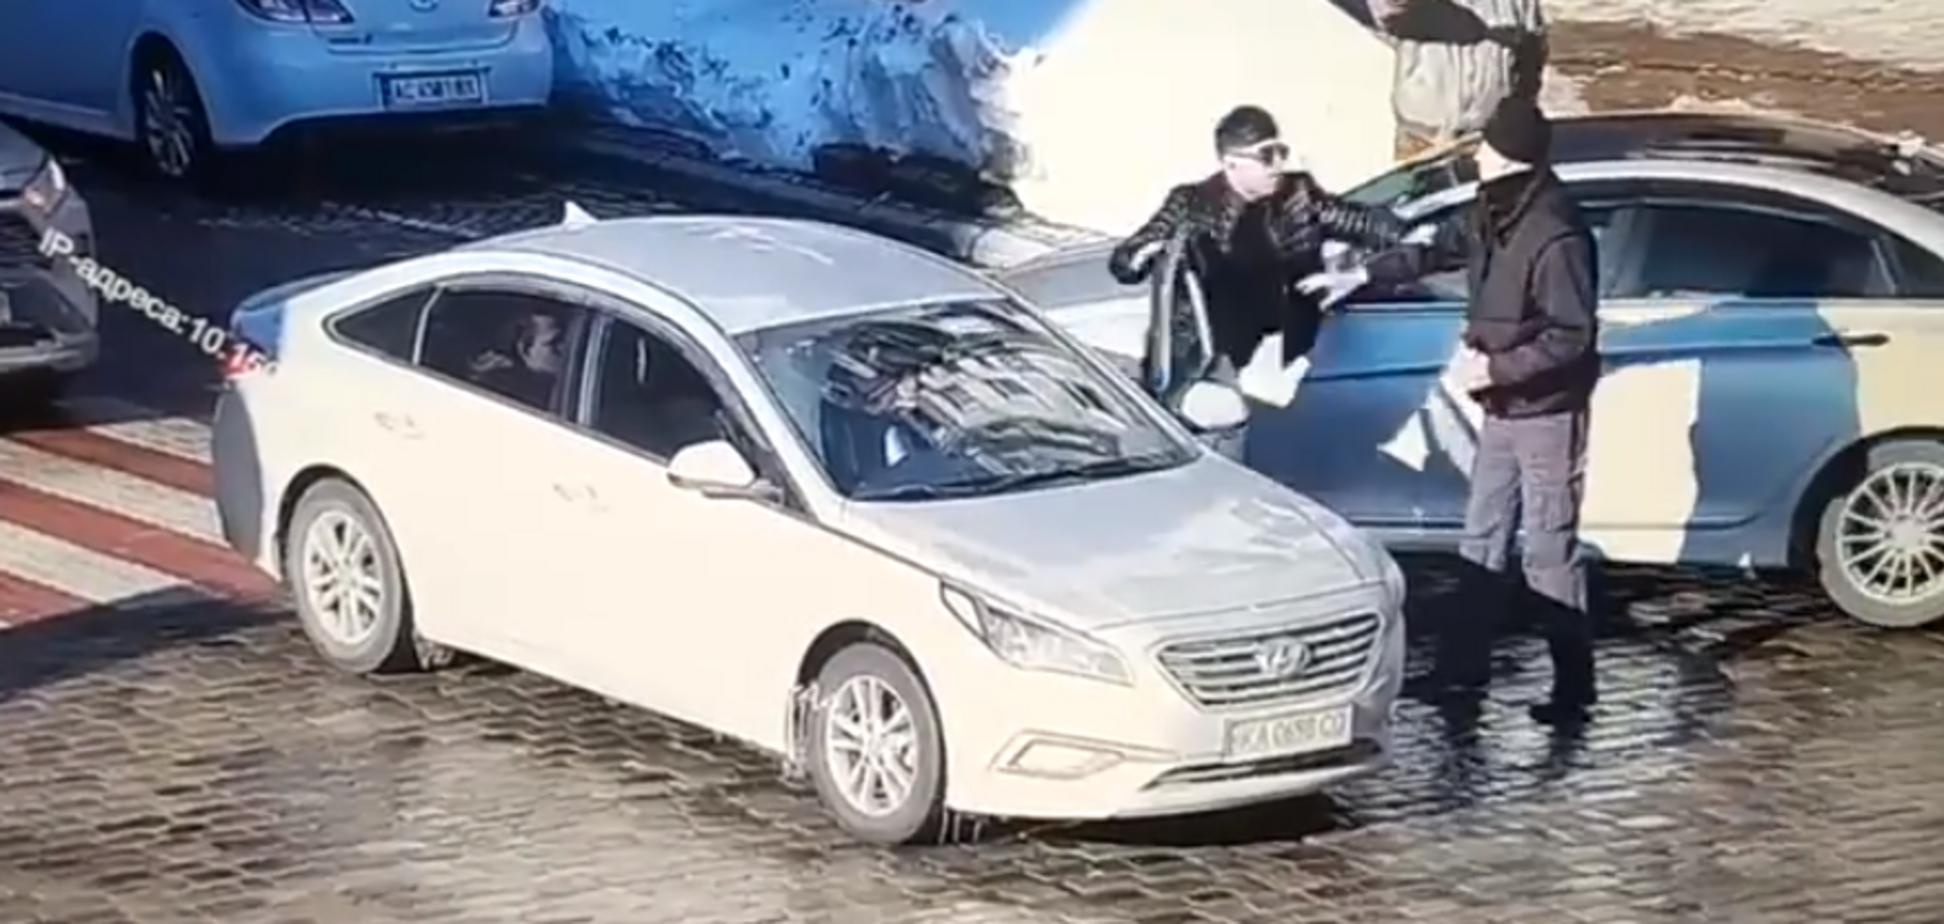 У Києві водій авто двома ударами вбив пішохода на дорозі